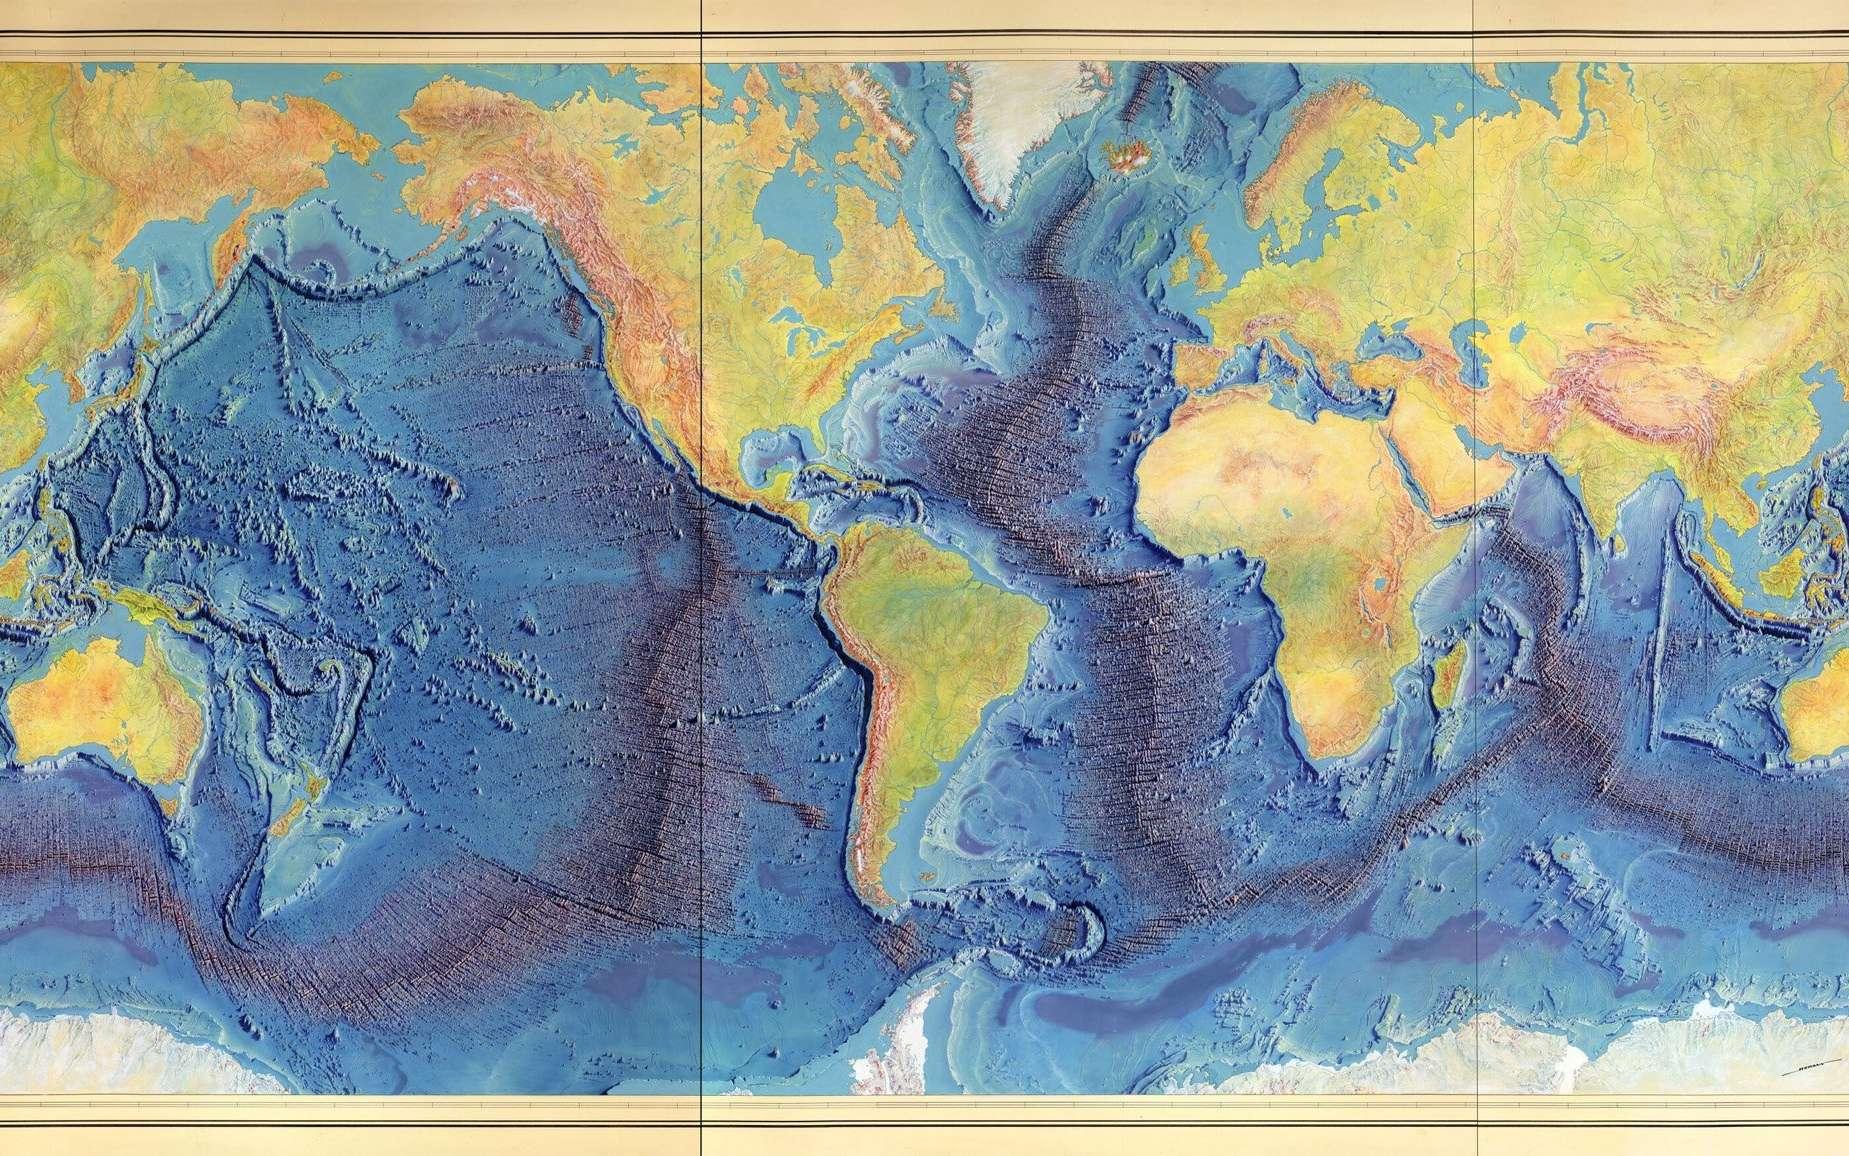 Cartographie des fonds océaniques réalisée par Marie Tharp, Bruce Heezen et Heinrich Berann en 1977. © Berann, Heezen, Tharp, Library of Congress